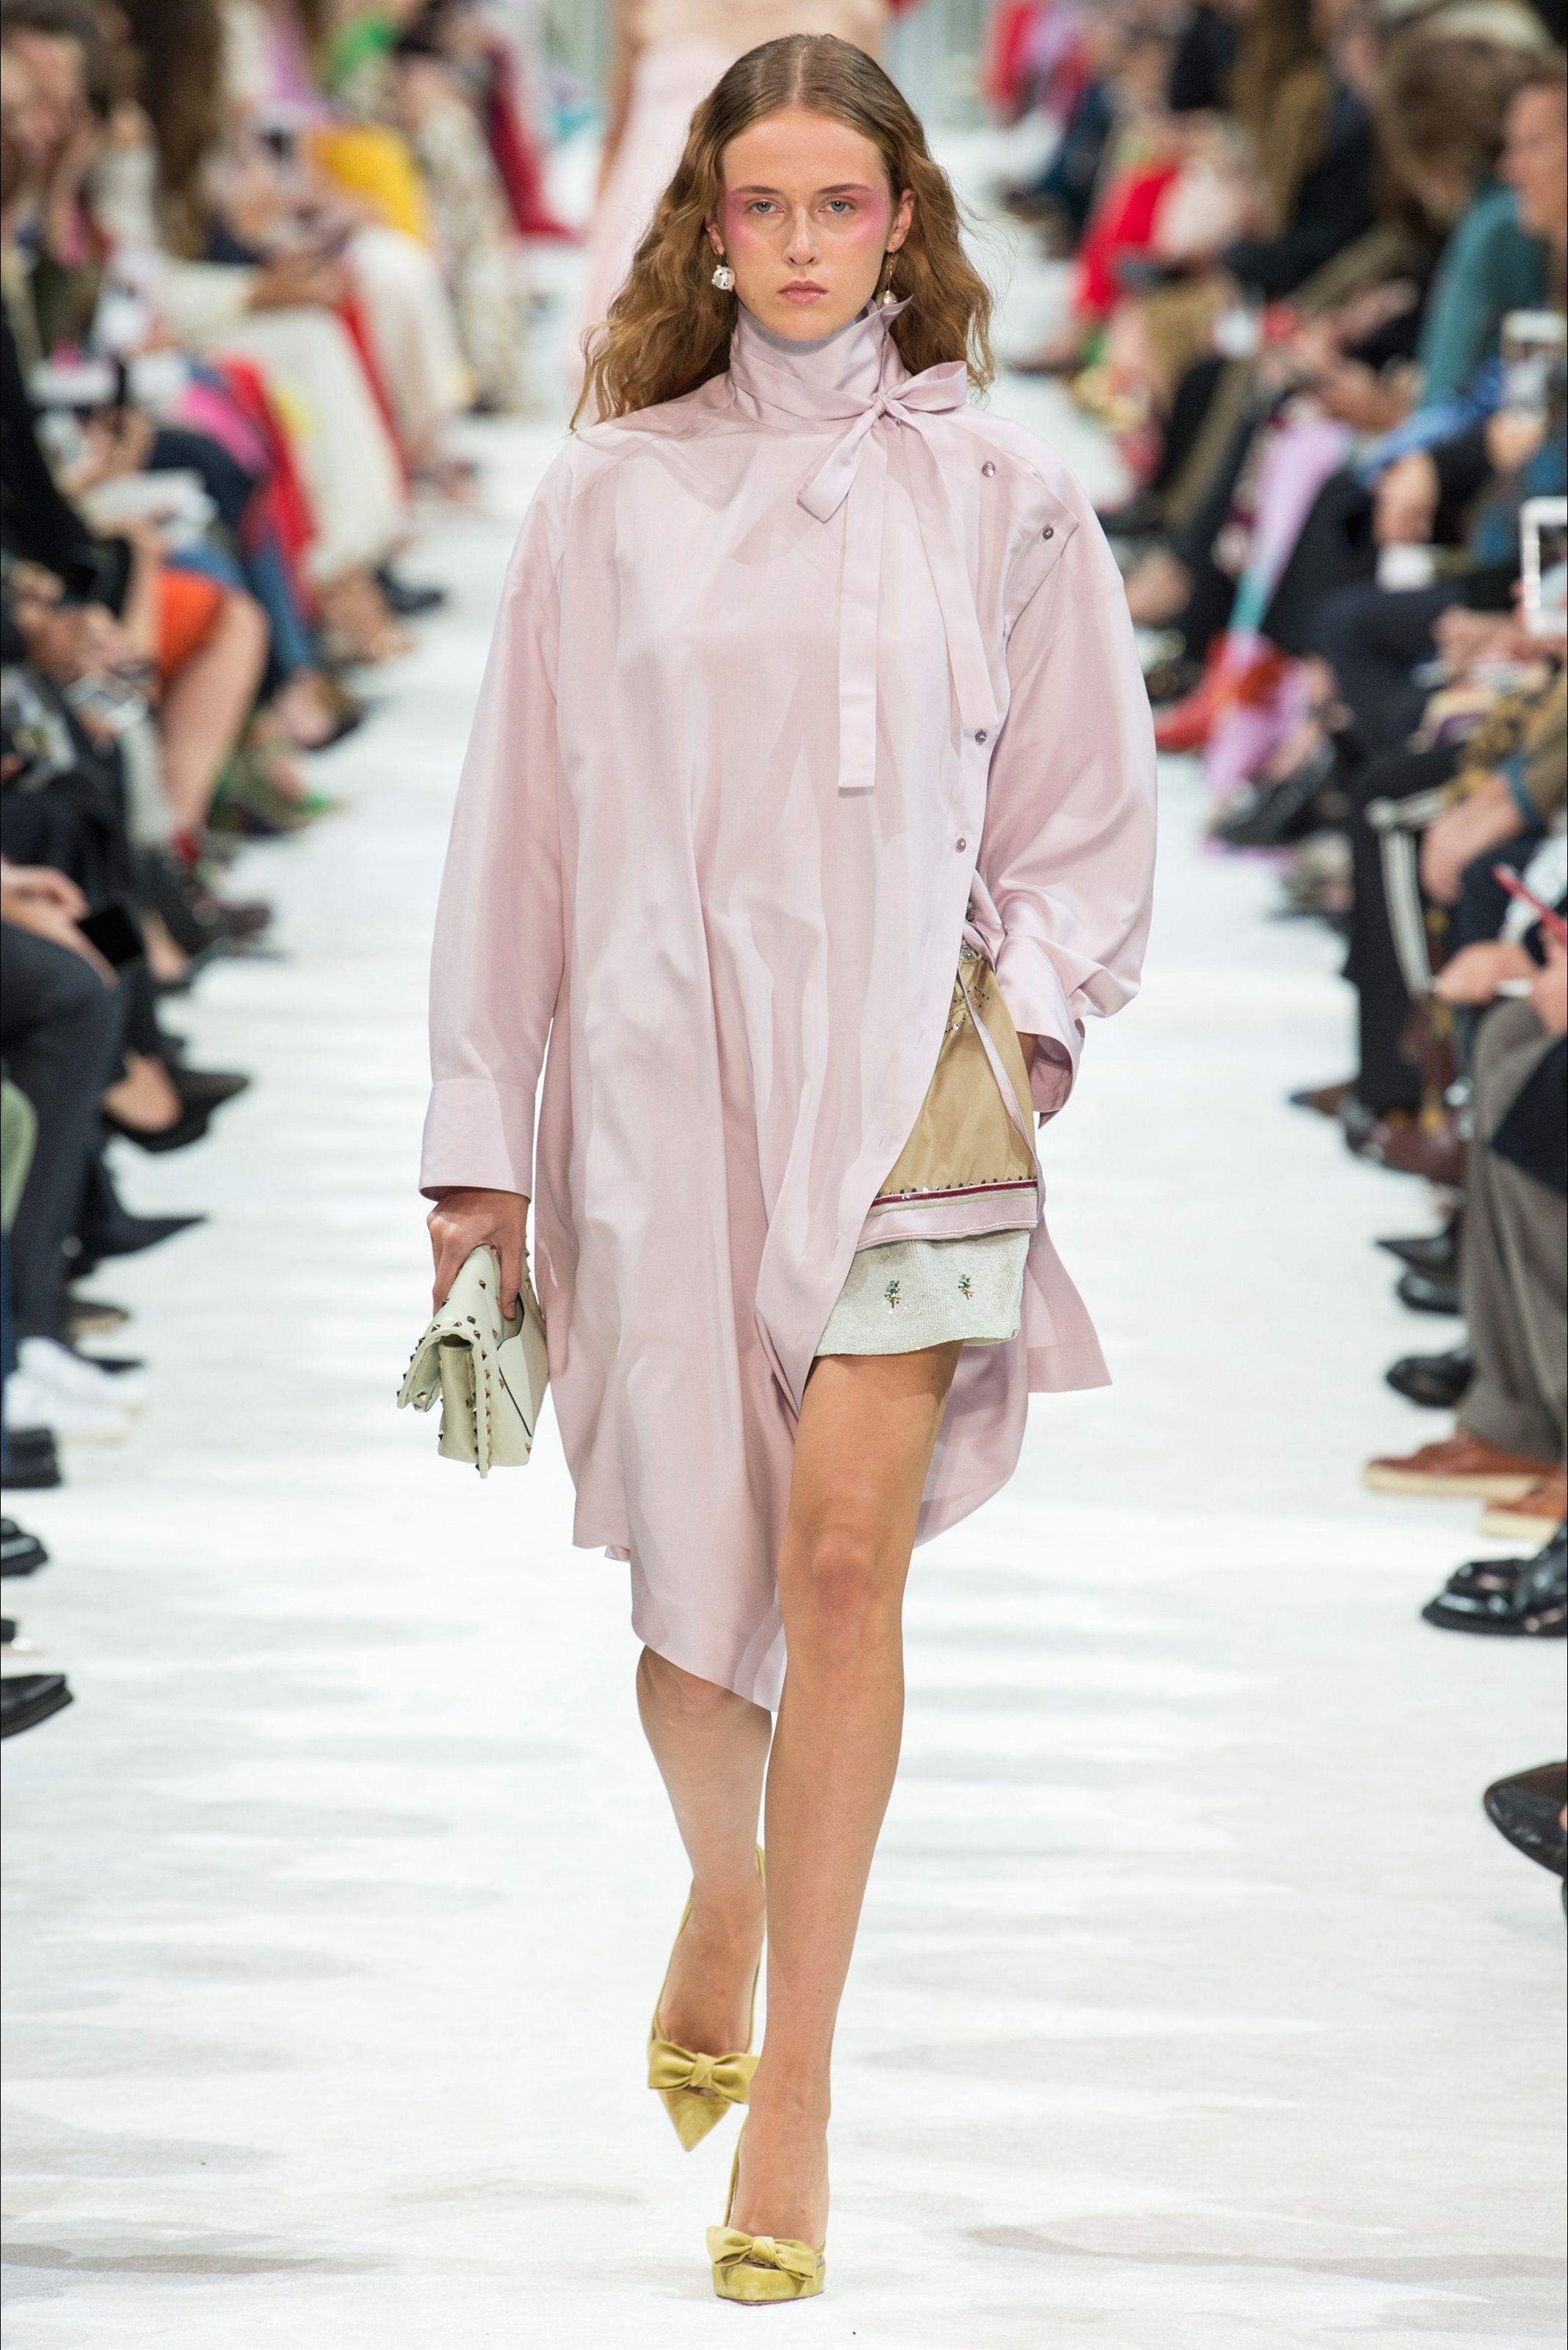 fee17613a53 Sfilata Valentino Parigi - Collezioni Primavera Estate 2018 - Vogue ...